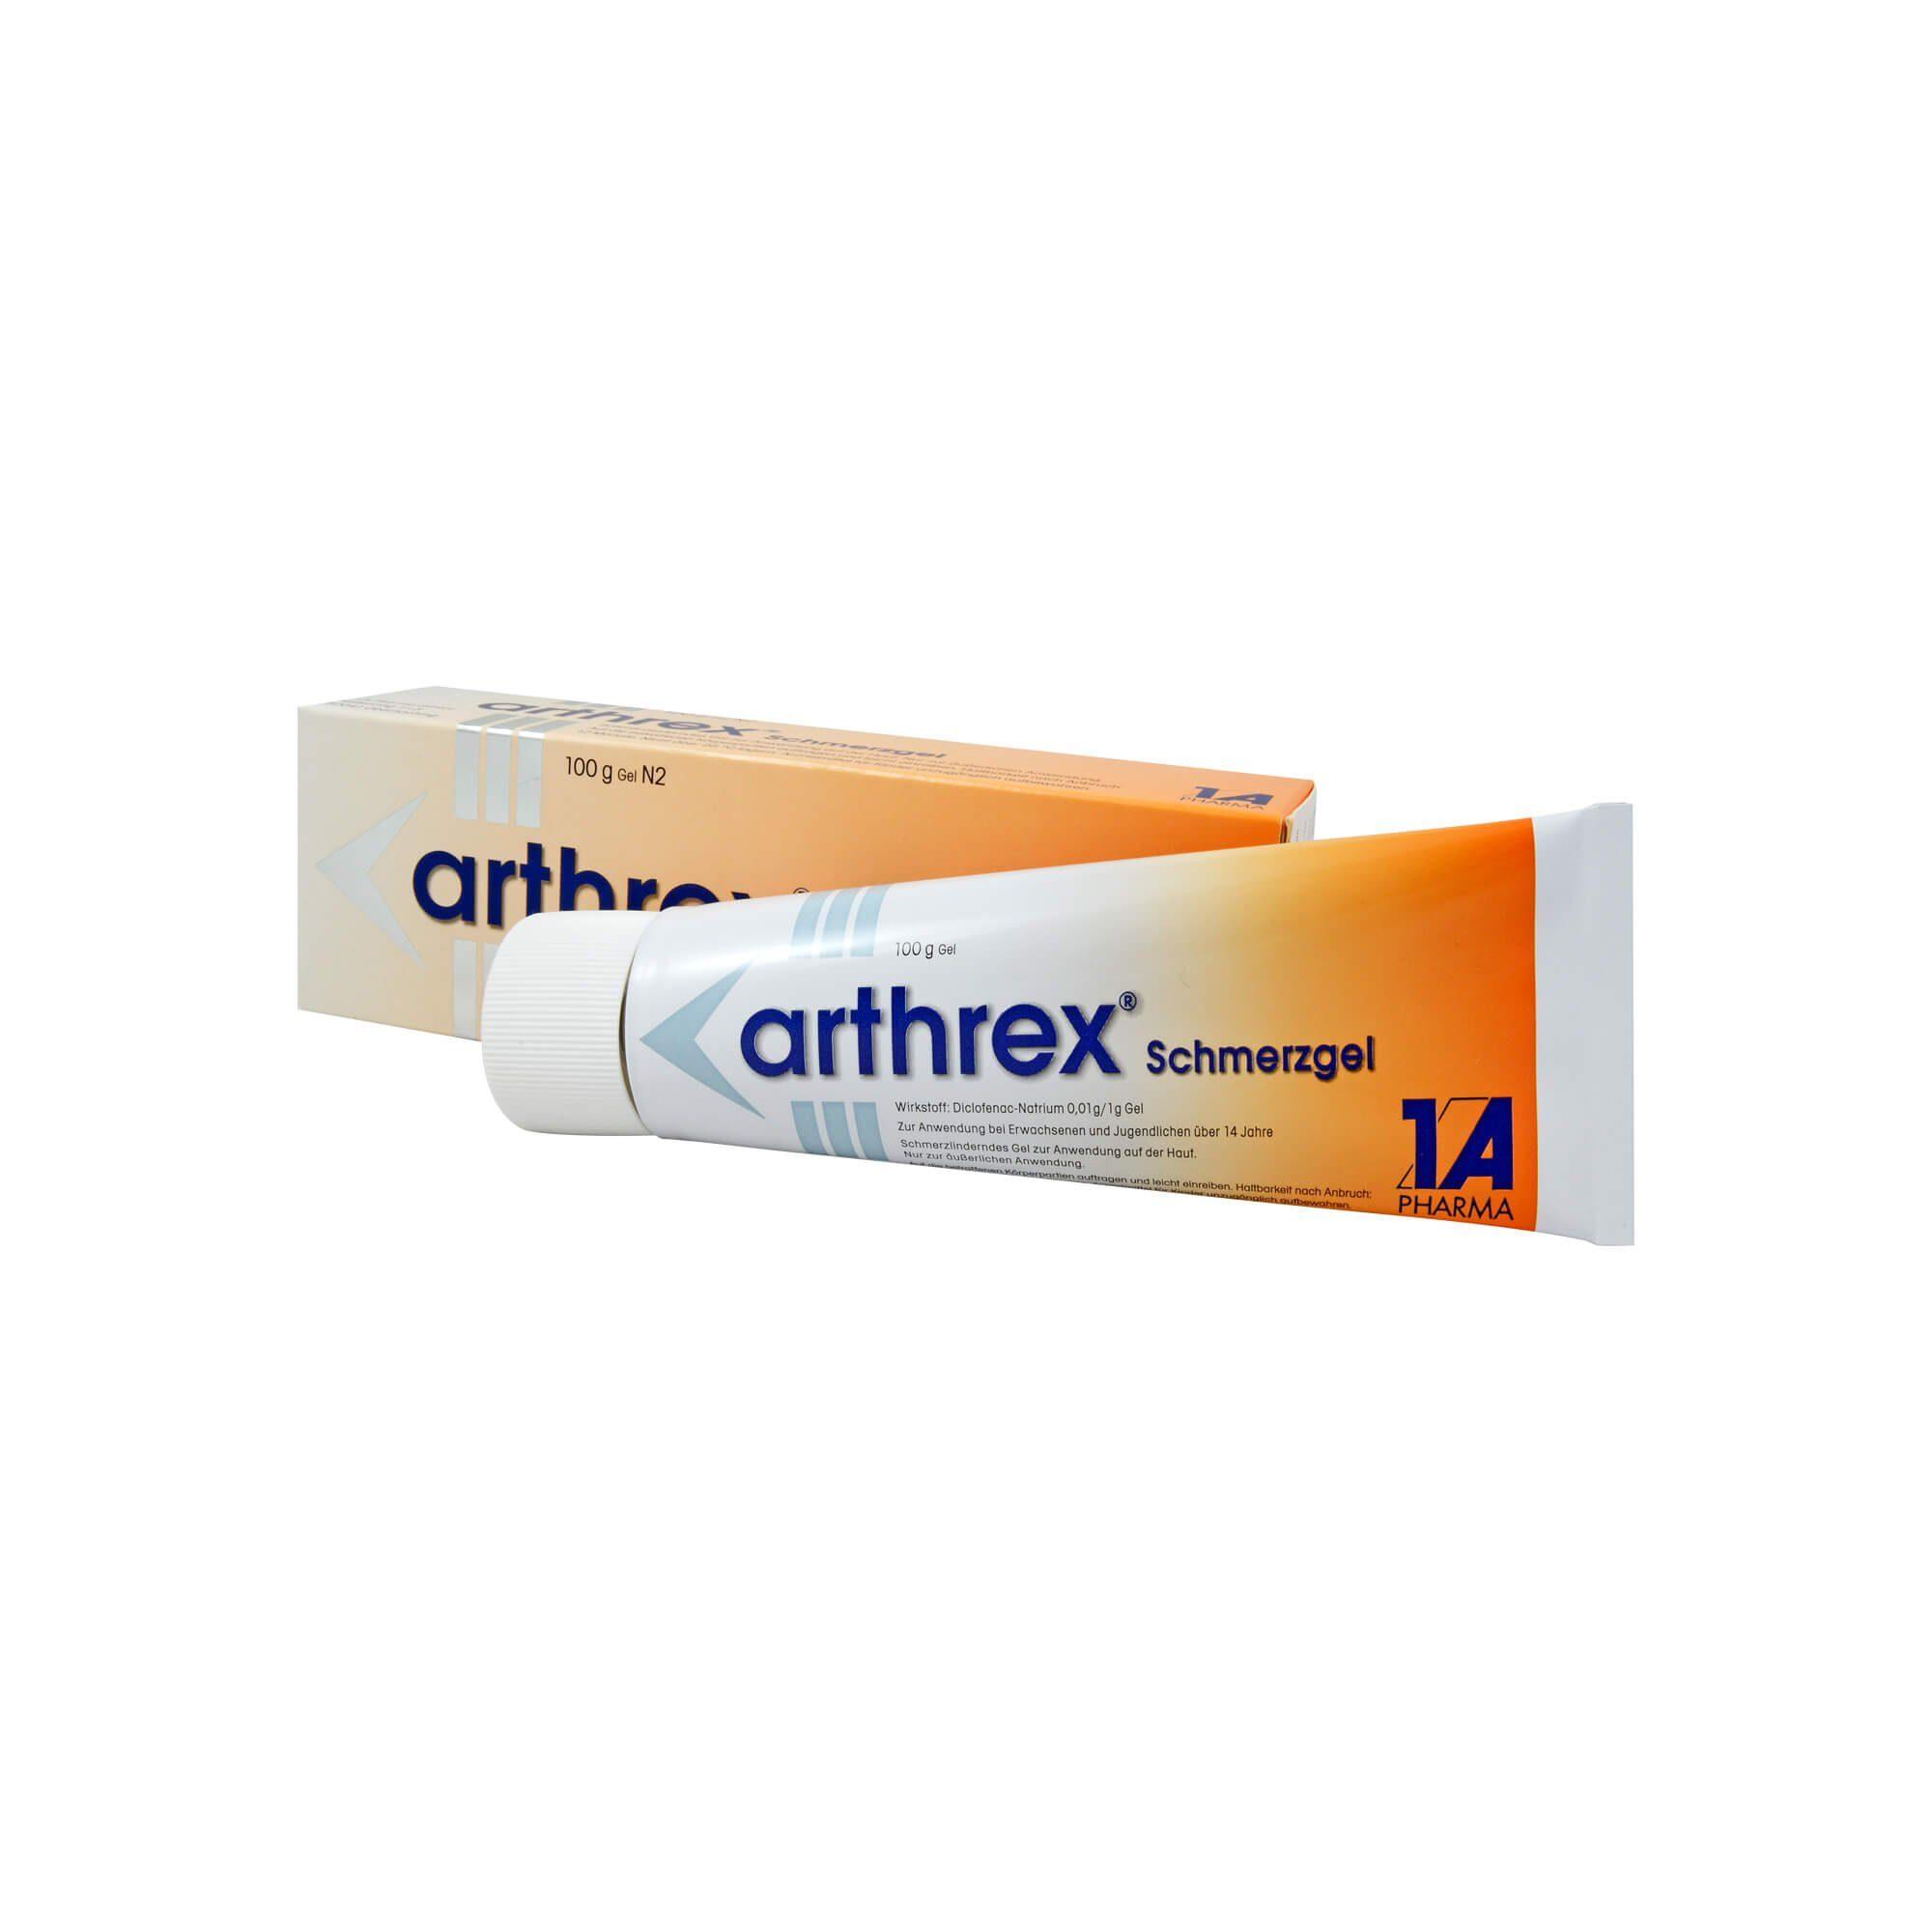 Arthrex Schmerzgel, 100 g